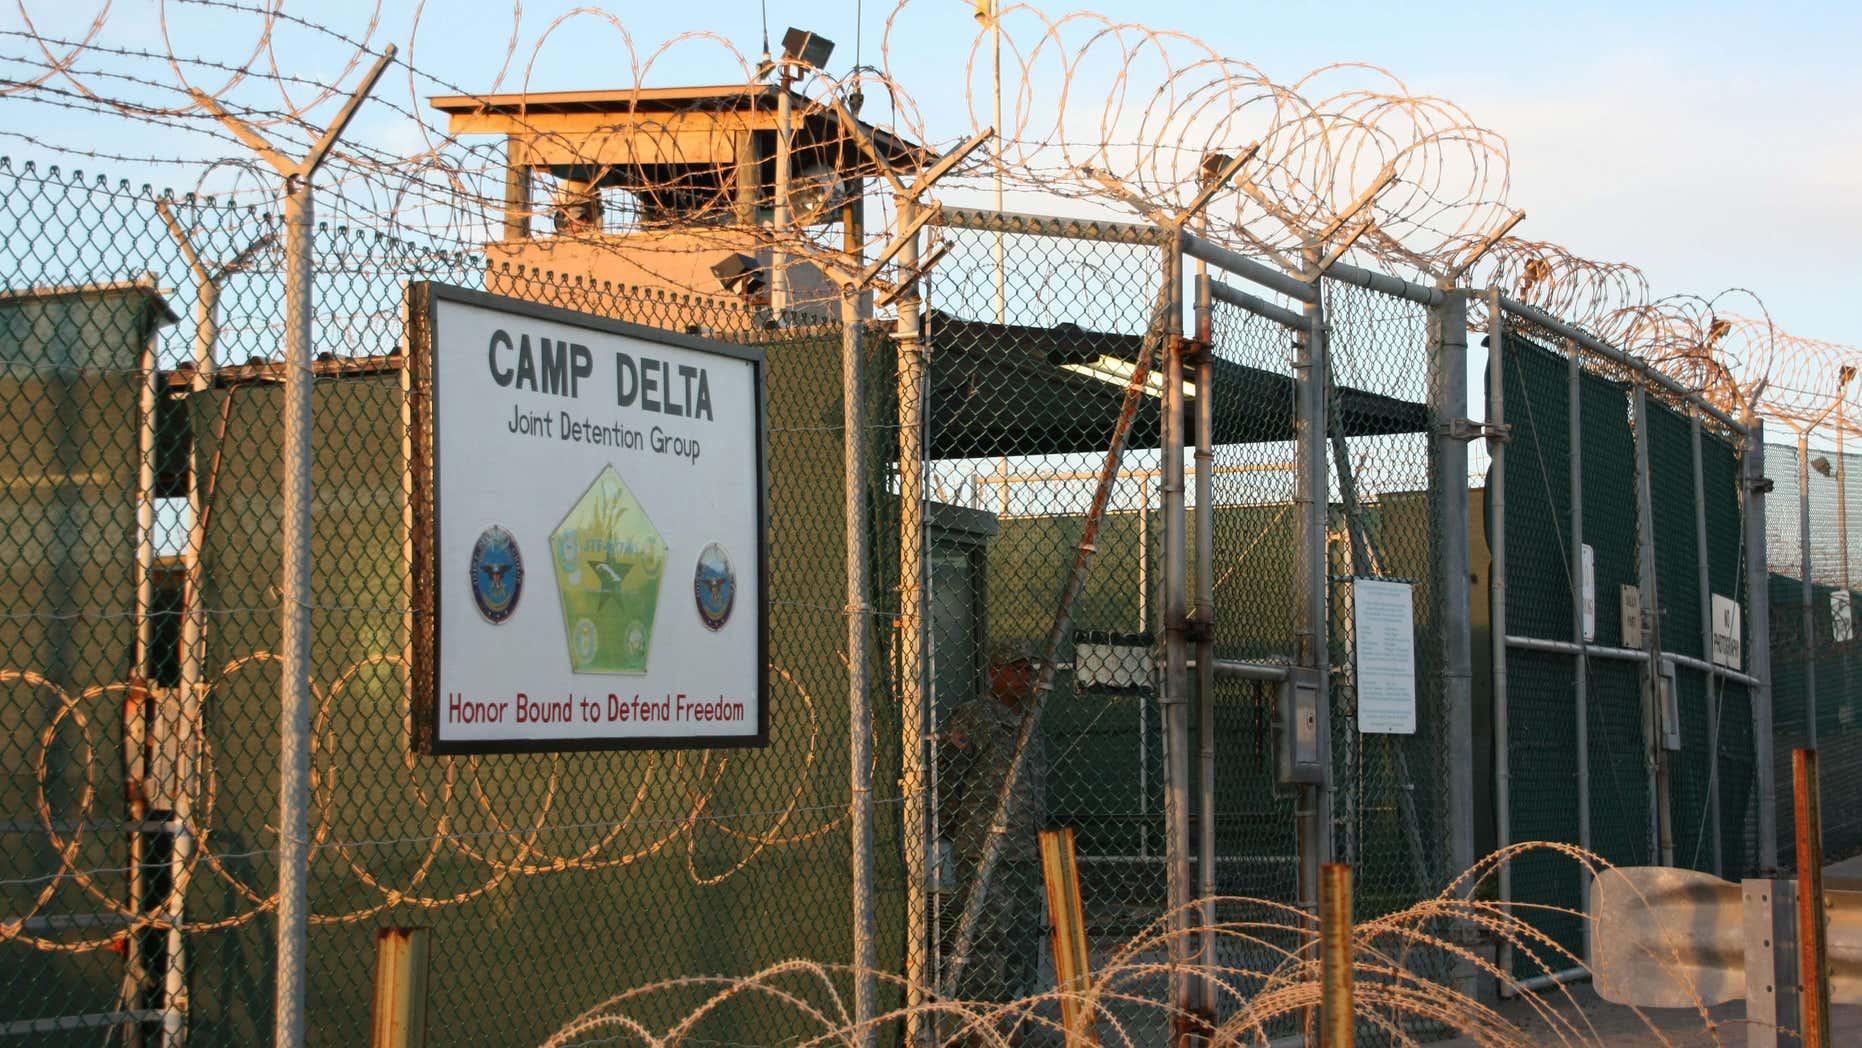 June 24, 2010: the entrance to Camp Delta at Guantanamo Bay.